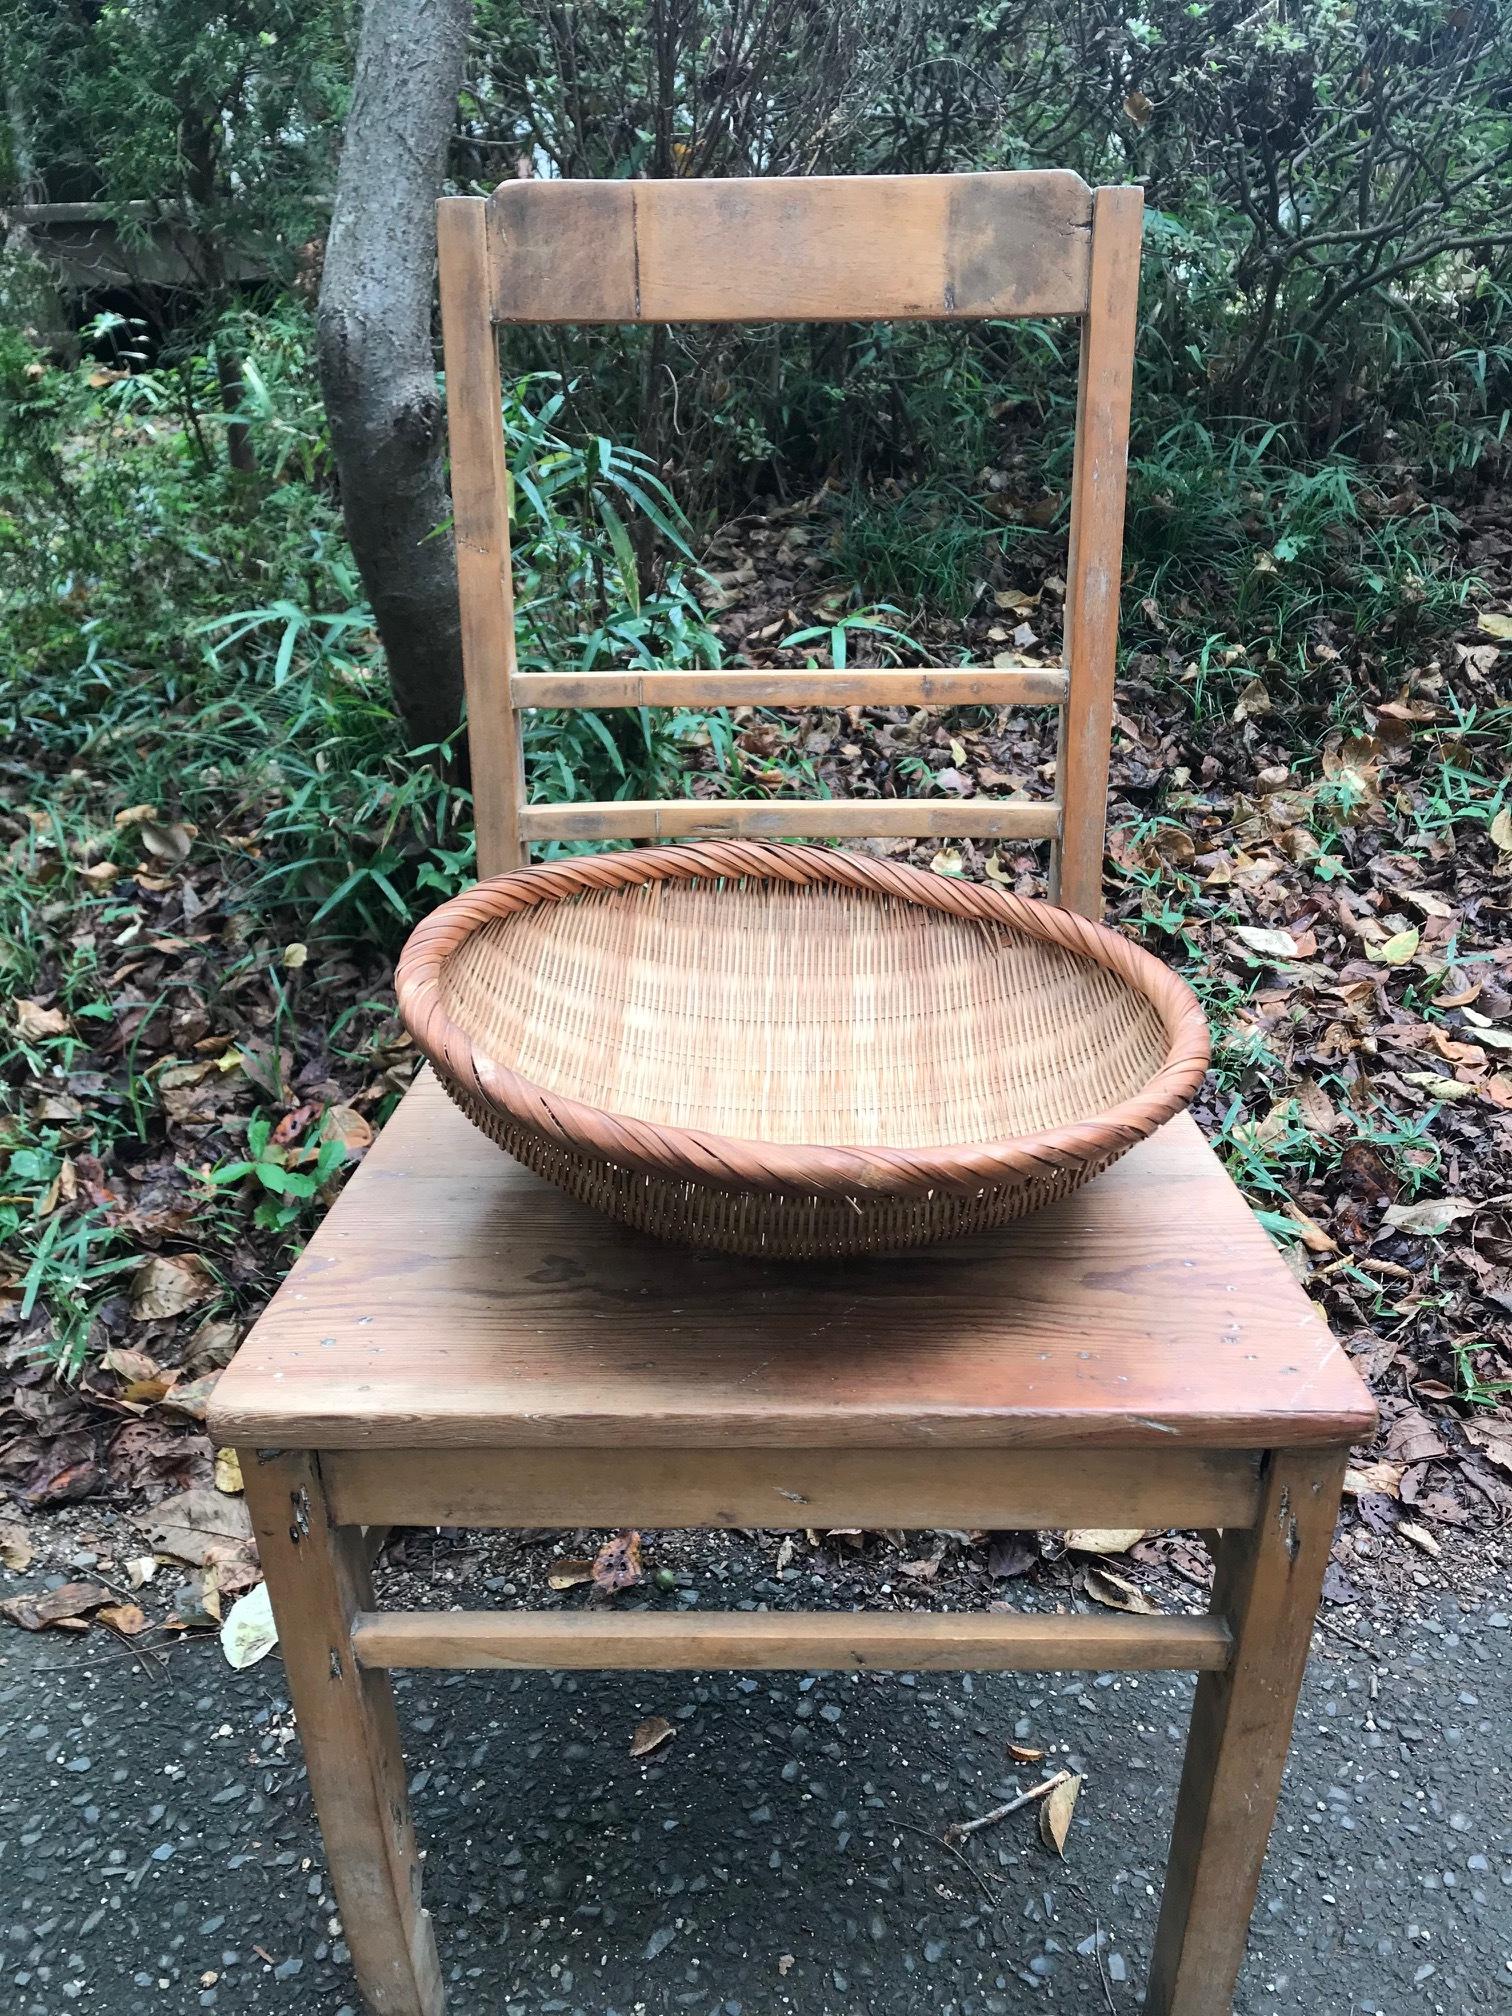 古い 竹製 日本のざる籠 かご バスケット 古道具